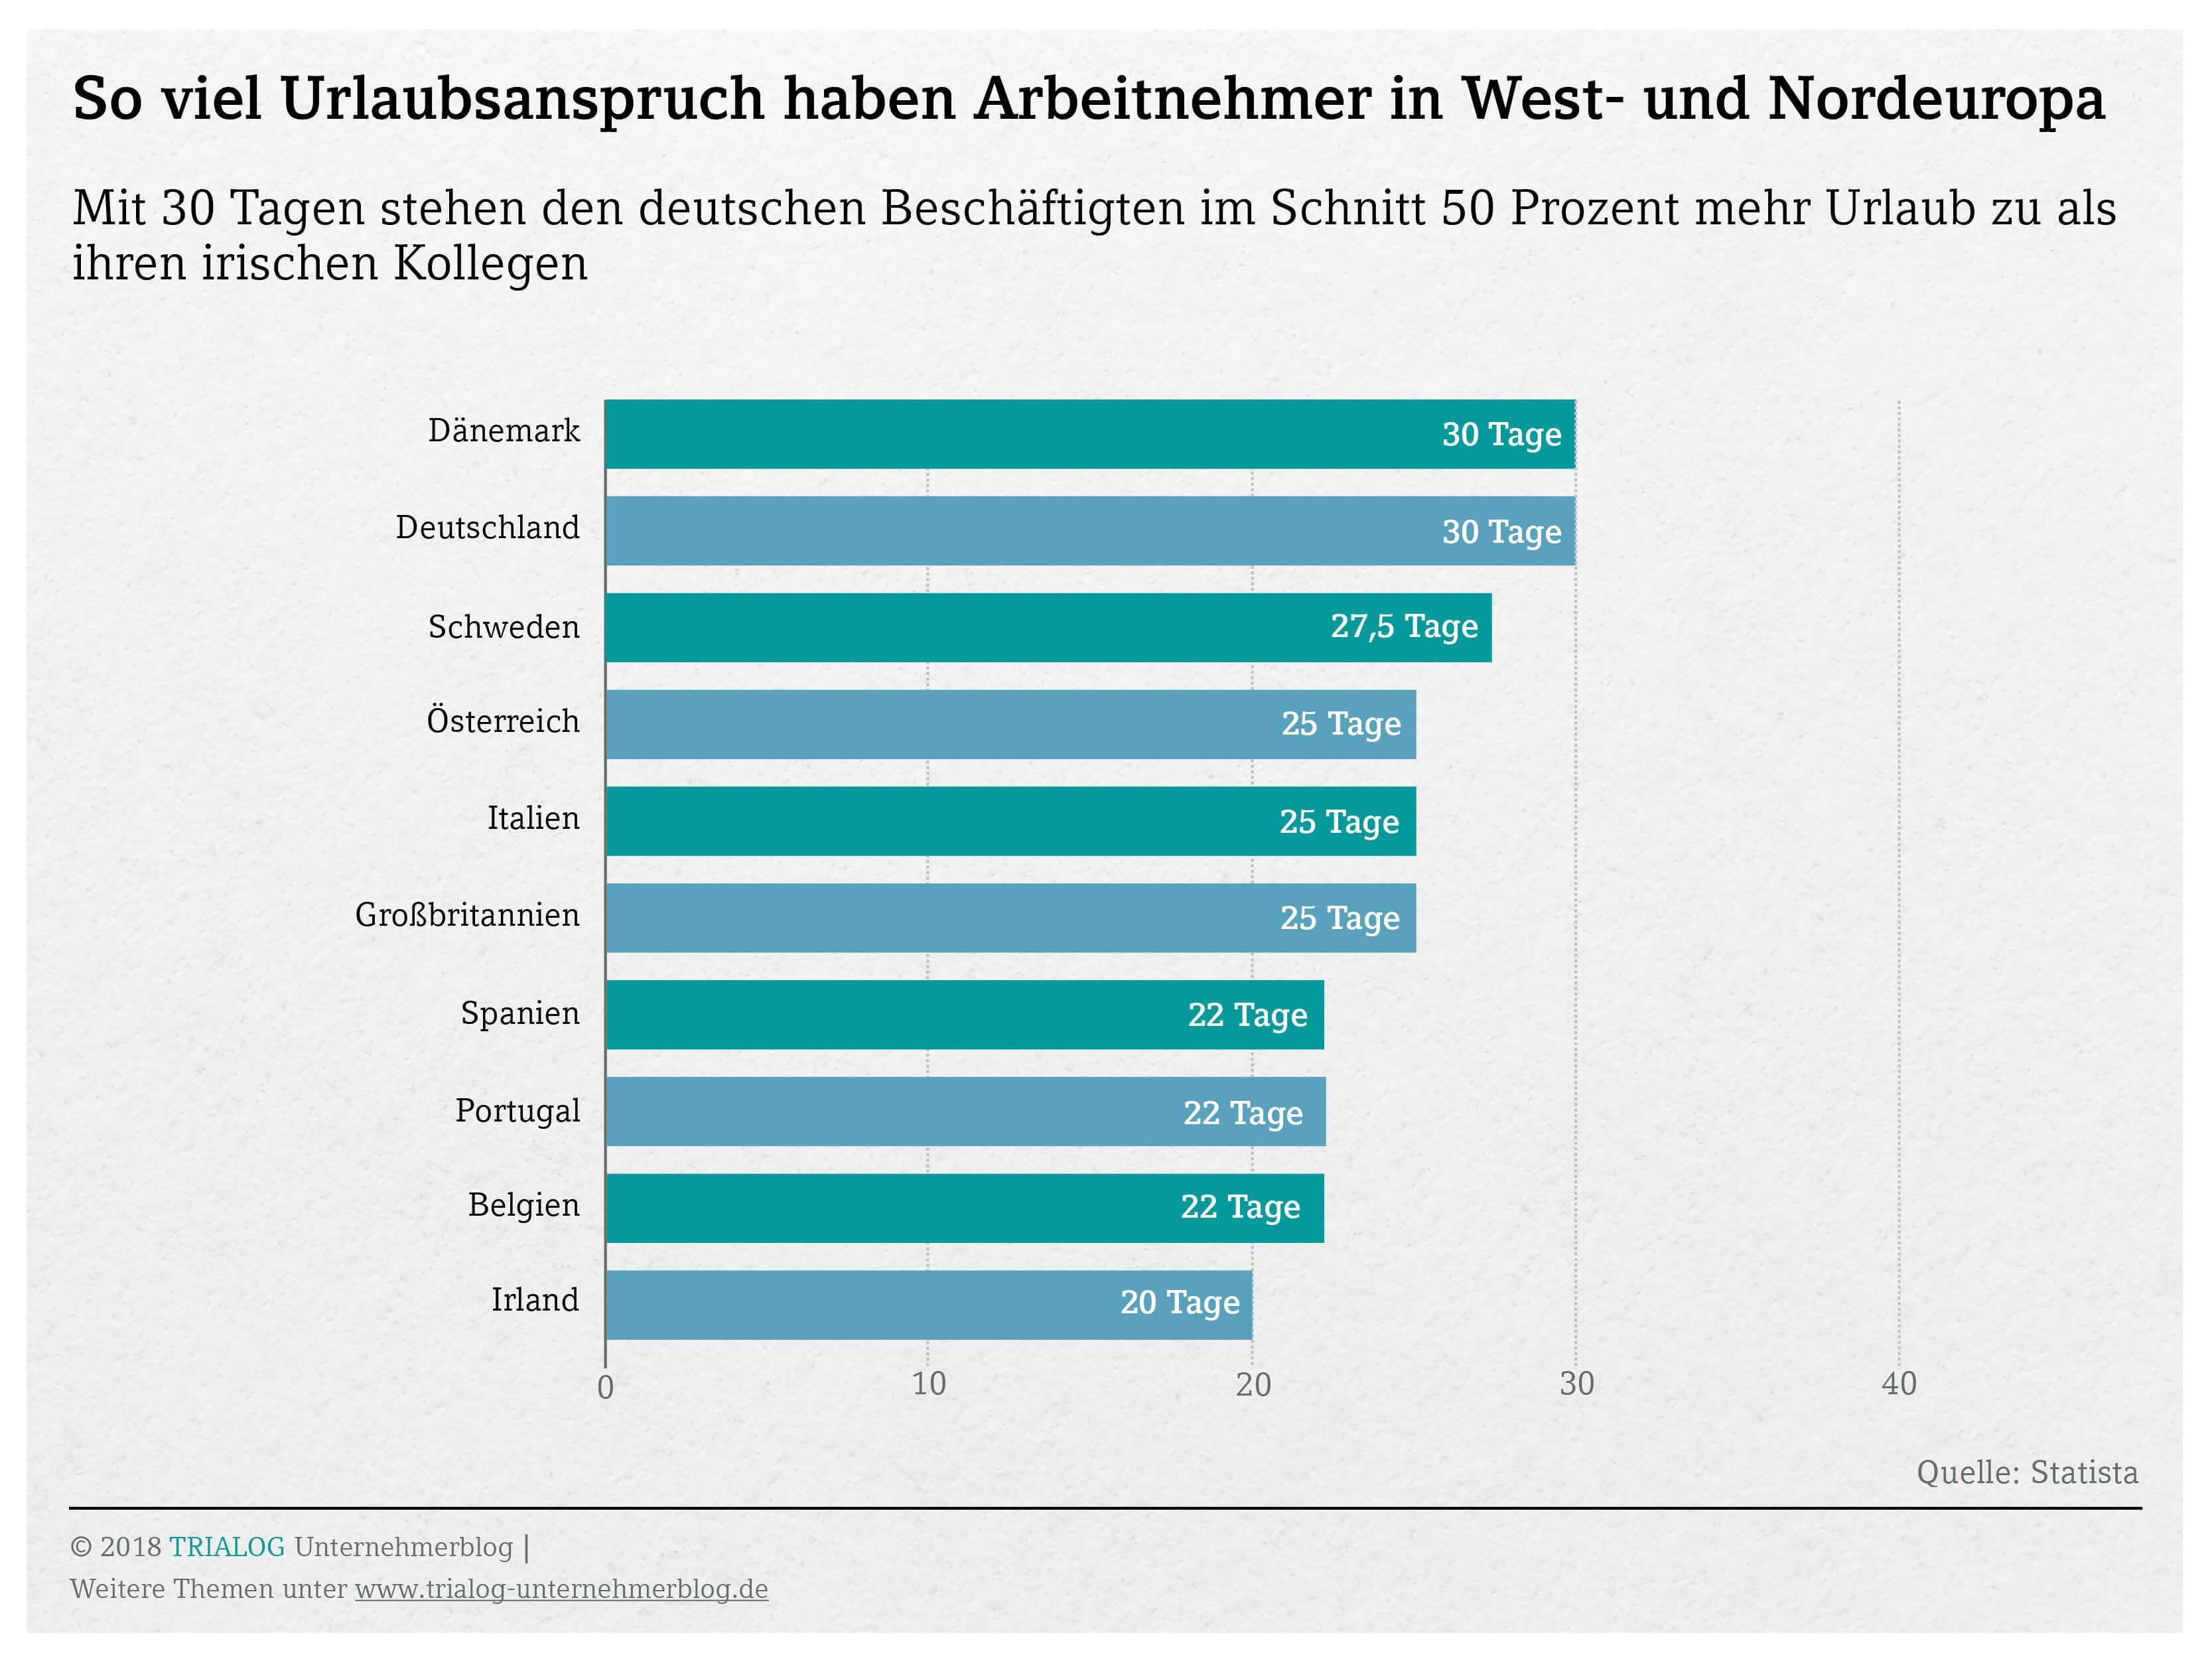 Grafik so viele Urlaubstage stehen Arbeitnehmern in Nord und Westeuropa zulaiub haben